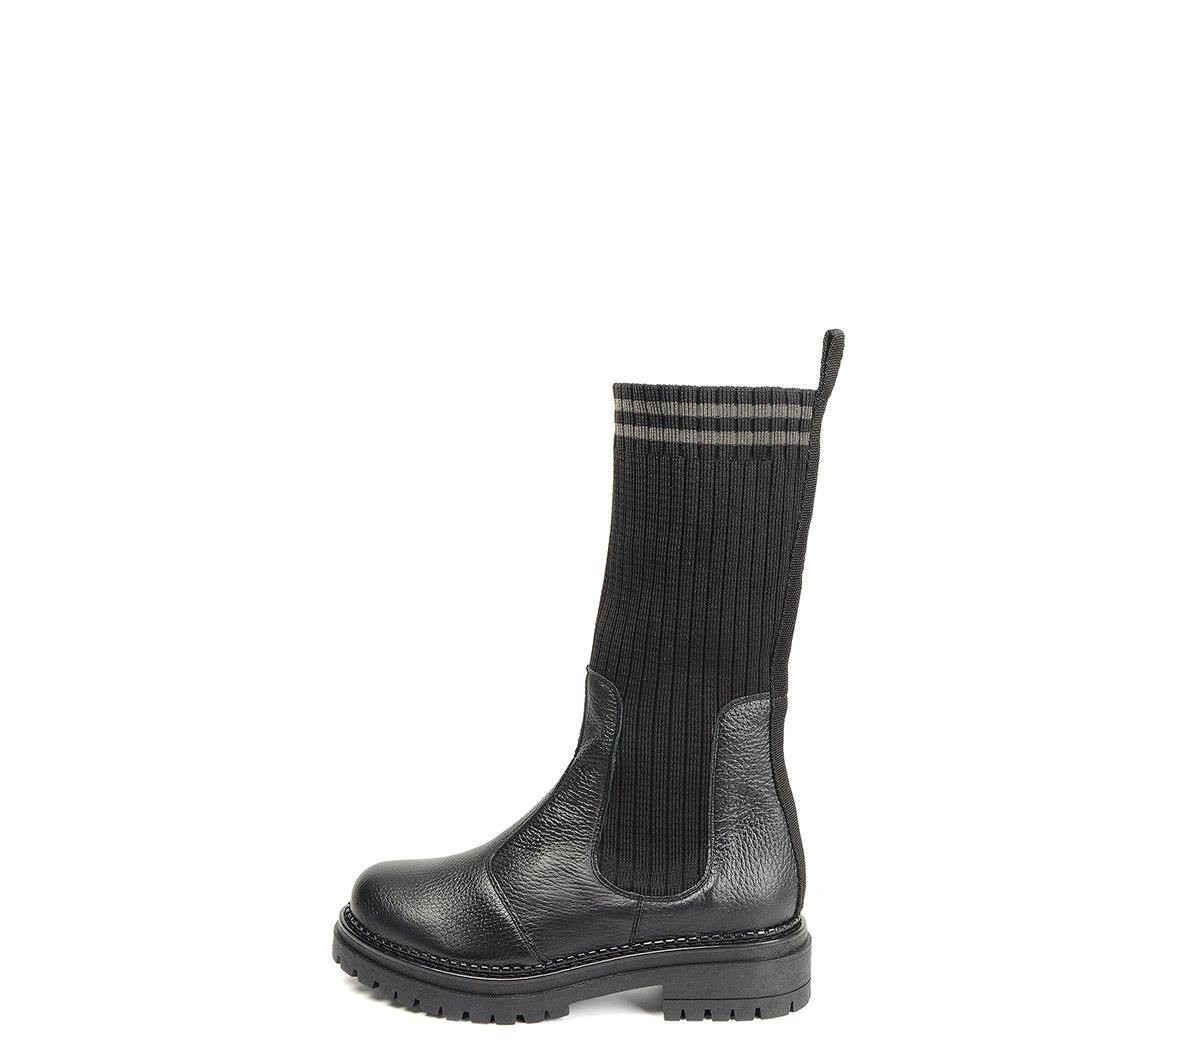 Ref. 4161 Bota piel negra con caña tipo calcetín en negro. Suela dentada. Tacón de 4 cm y plataforma delantera de 2.5 cm.